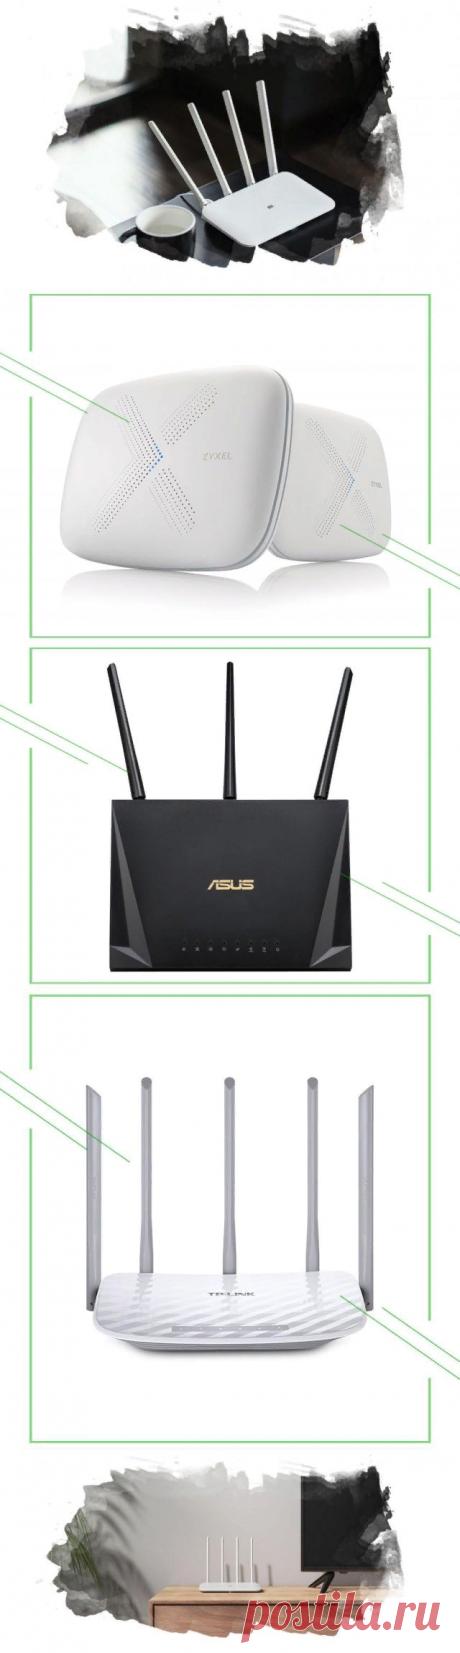 ТОП-7 лучших Wi-Fi роутеров для дома